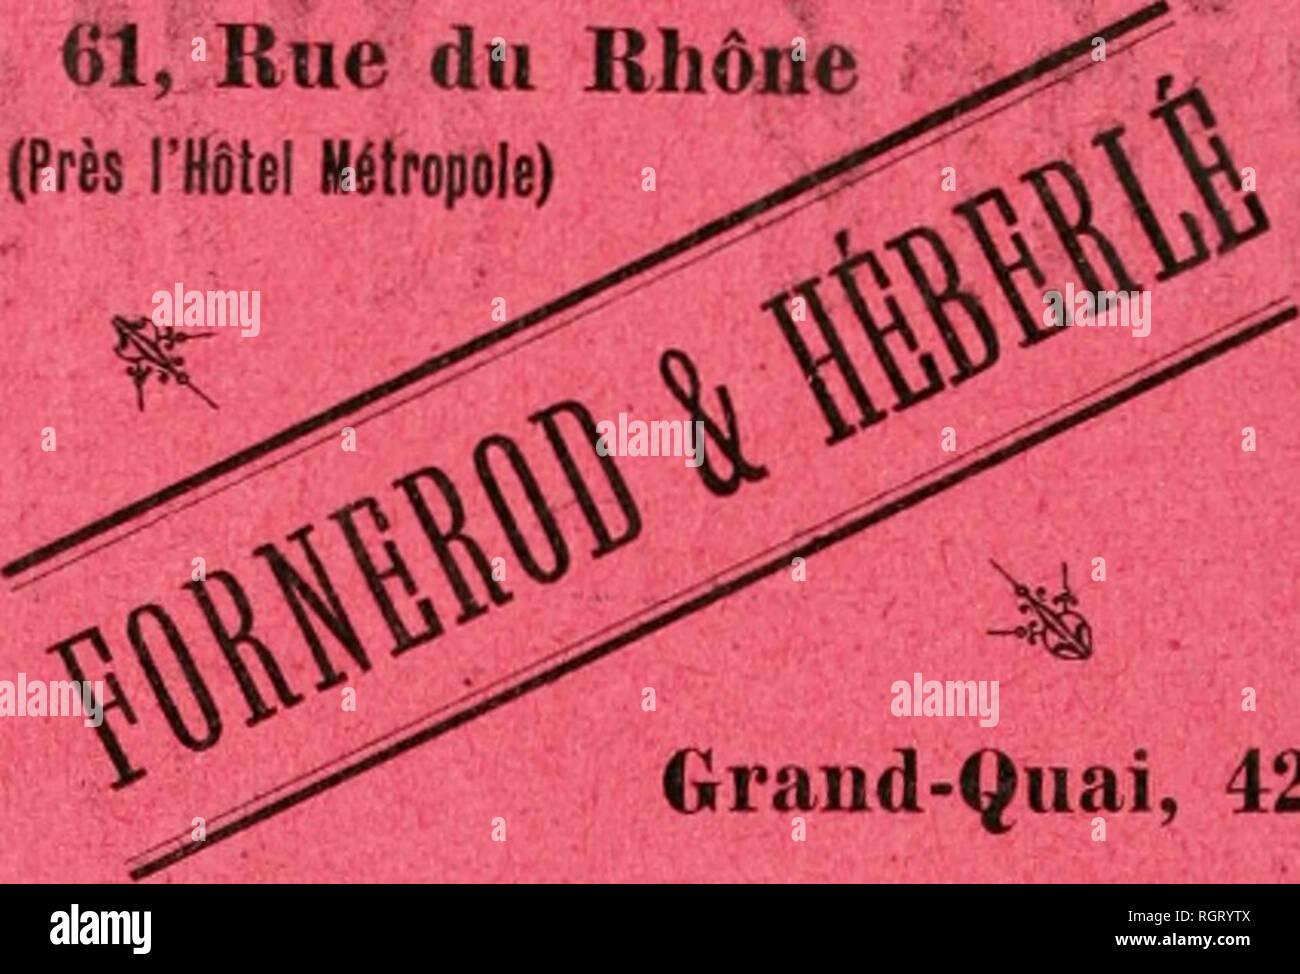 """. Bulletin de la Socit d'horticulture de Genve. Socit d'horticulture de Genve; Horticulture -- Switzerland. TUYAUX DE CAOUTCHOUC TUYAUX EN TOILE / / U:/: i / N 61, Rue du Rhône (Près l'Hôtel Métropole) ! .i WI. Oraud-Quai, 42 Téléphone 1838 ASSOKTIMt]iT COMPLET OE Tuyaux d'Arnisayii JETS â LANCES IIACCORDS de toutes dimensions   ENROULEURS ARROSEURS ET JETS D'EAU AUTOMATIQUES TUYAUX D'ENCAVAGES Qualité spéciale garantie exexnpte de plomb. Tuyaux d'aspiration SPÃCIALITà I>E TUYAUX AMÃRICAINS """"ARMÃS â pour Réchauds, Lampes et Fourneaux à Gaz PRATIQUES â DURABLES Offrant une en - Stock Image"""